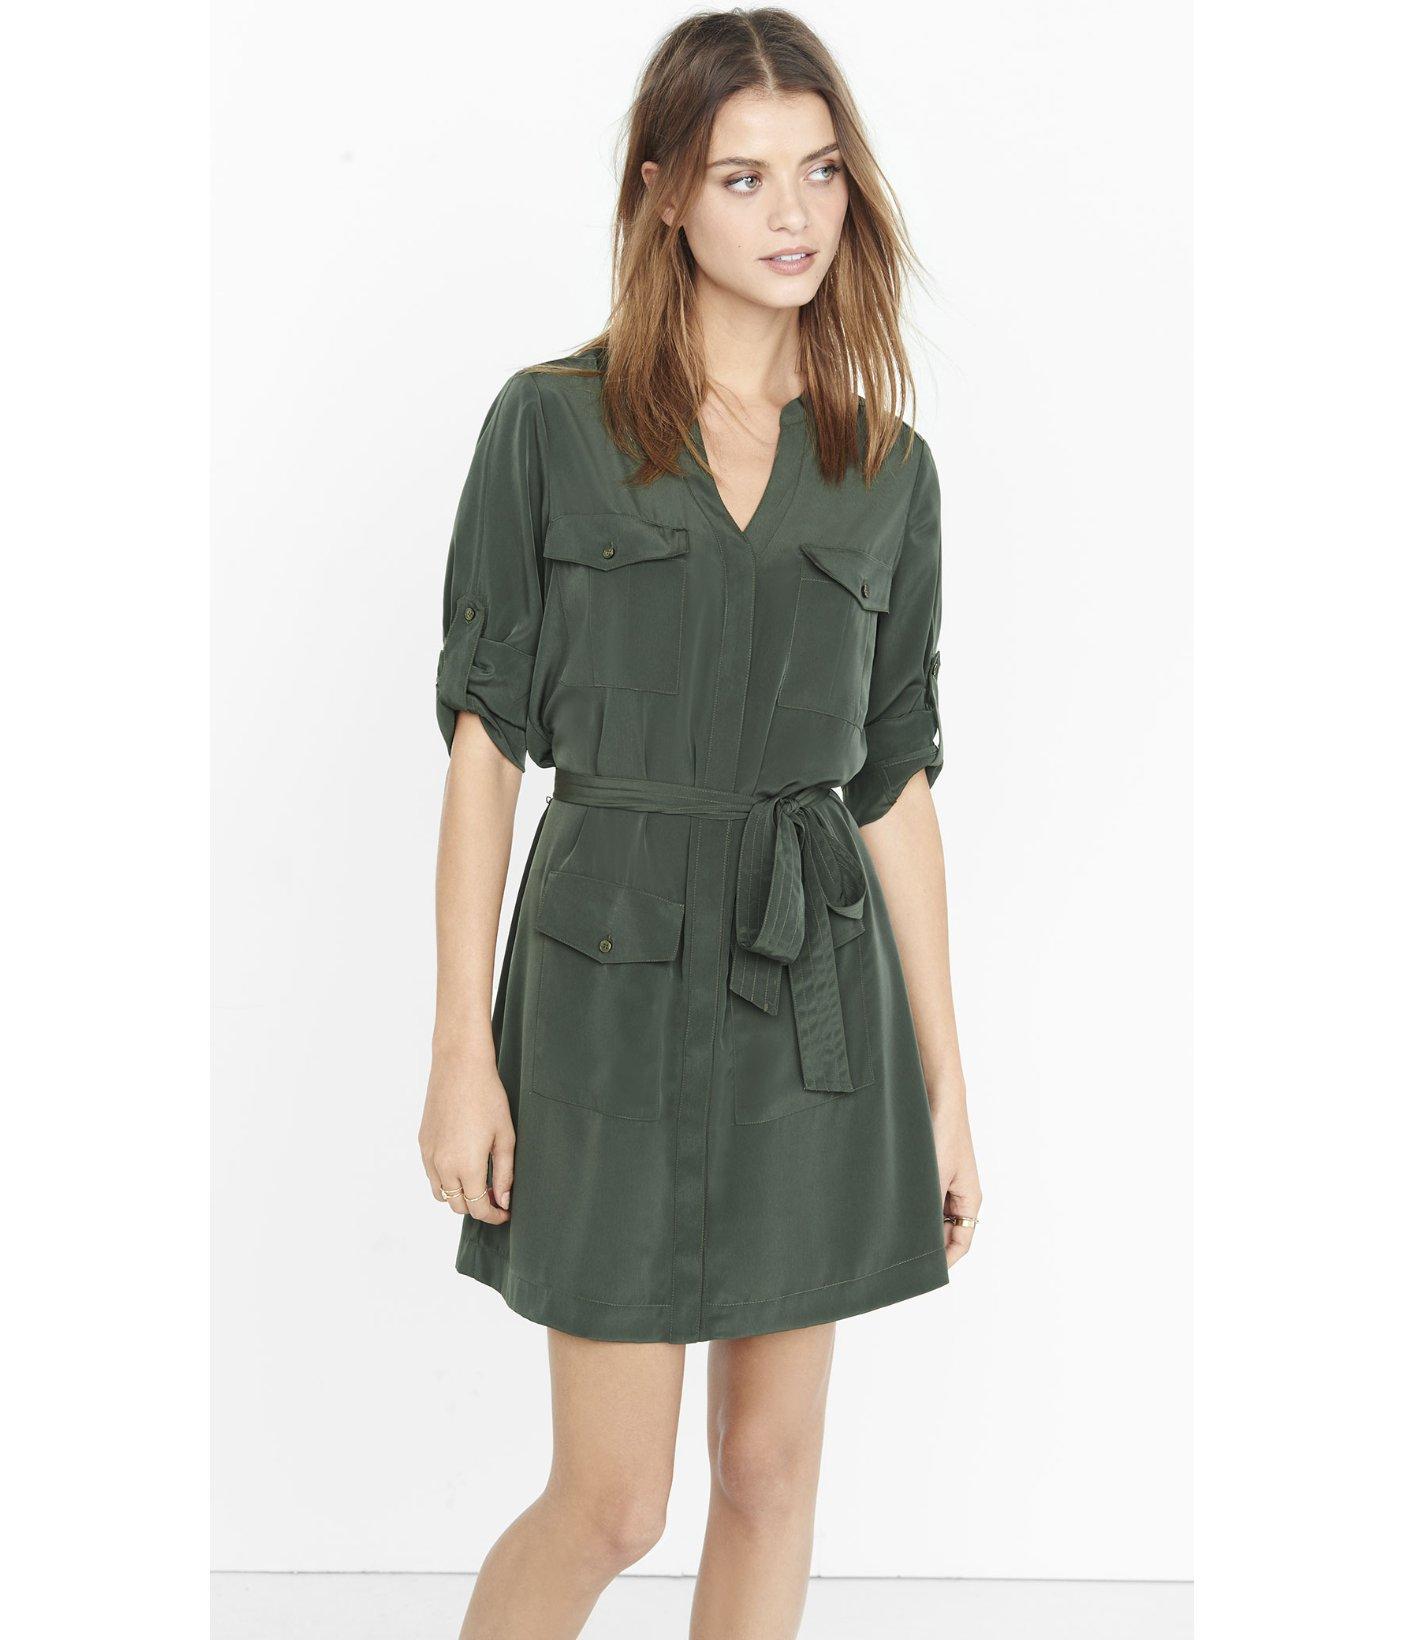 Green Shirt Dress